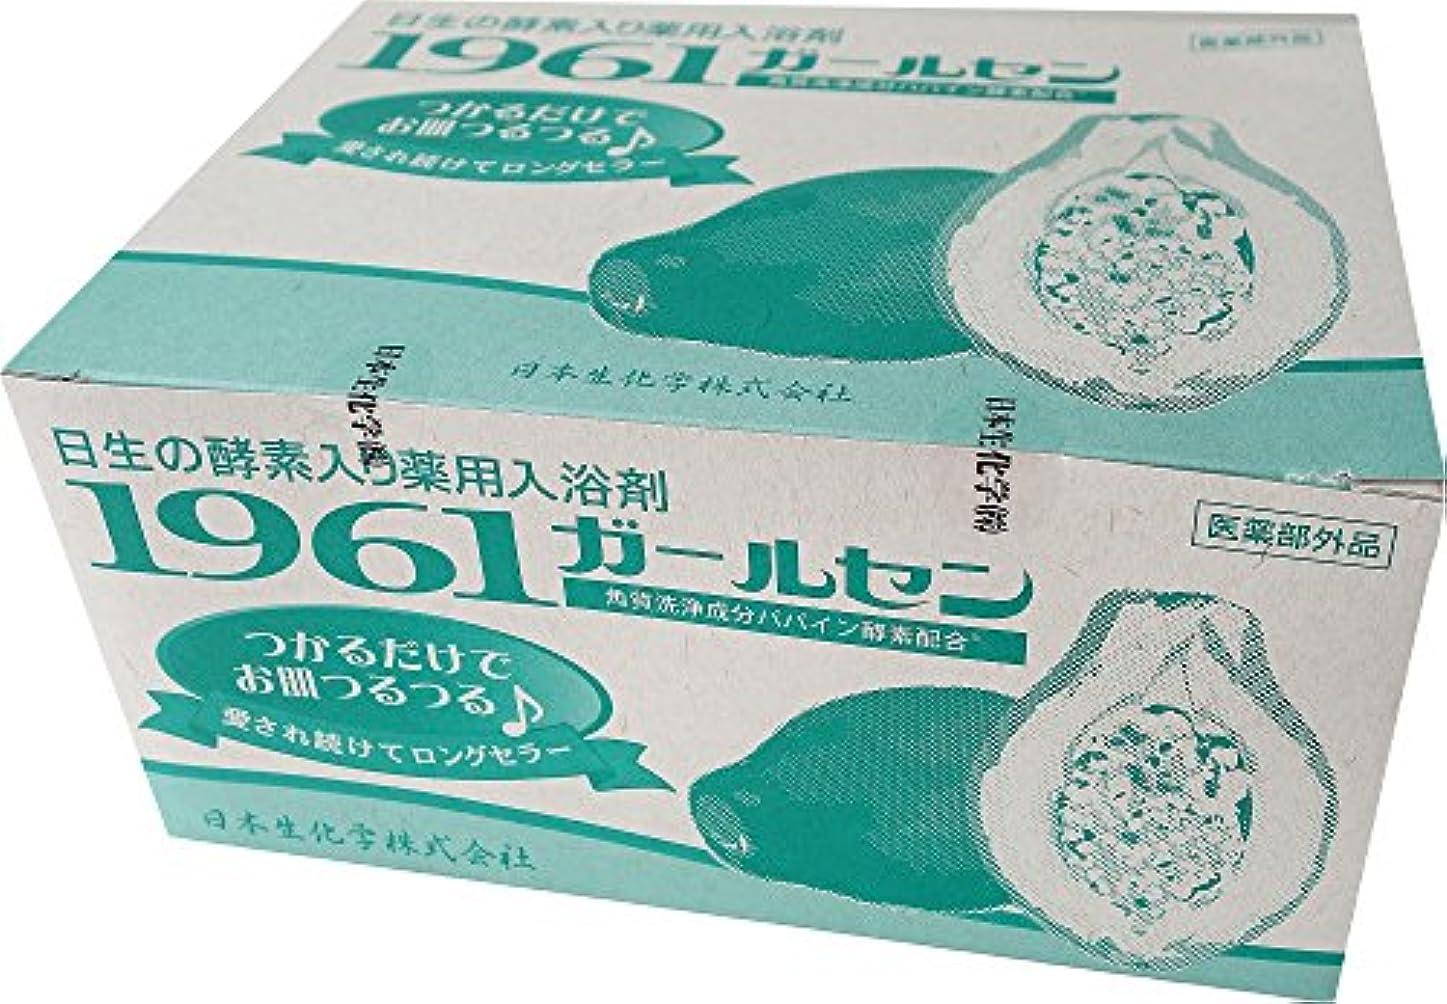 寛容な略奪押し下げるパパイン酵素配合 薬用入浴剤 1961ガールセン 60包 [医薬部外品]